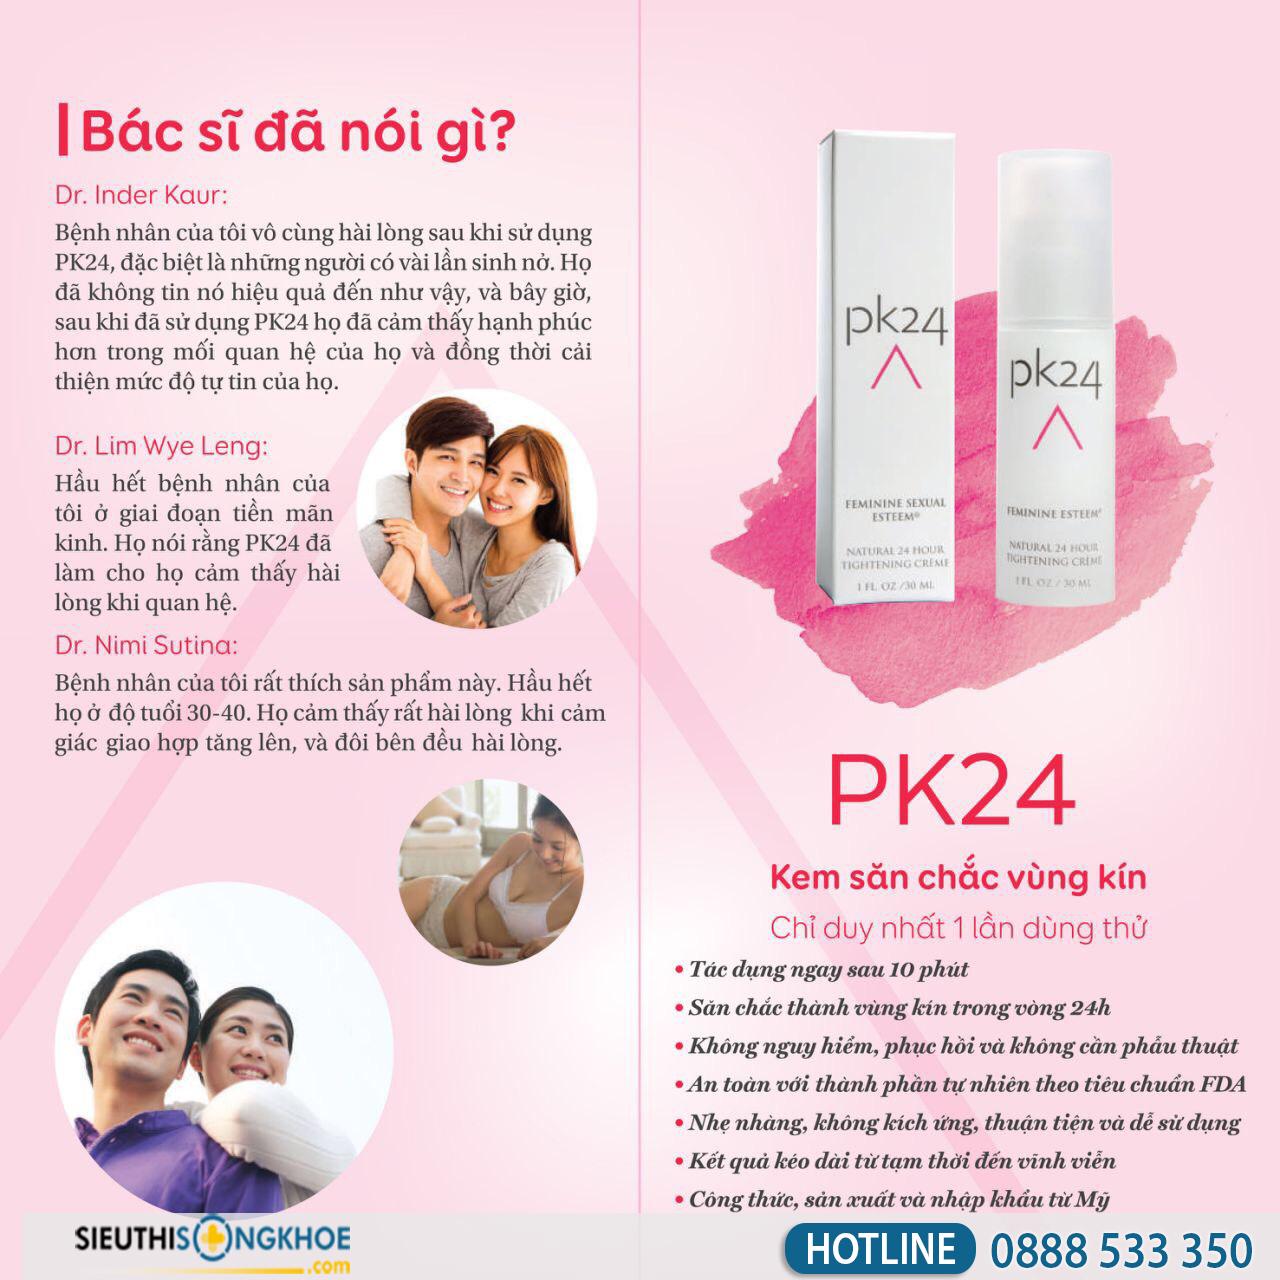 Gel pk24 giá bao nhiêu